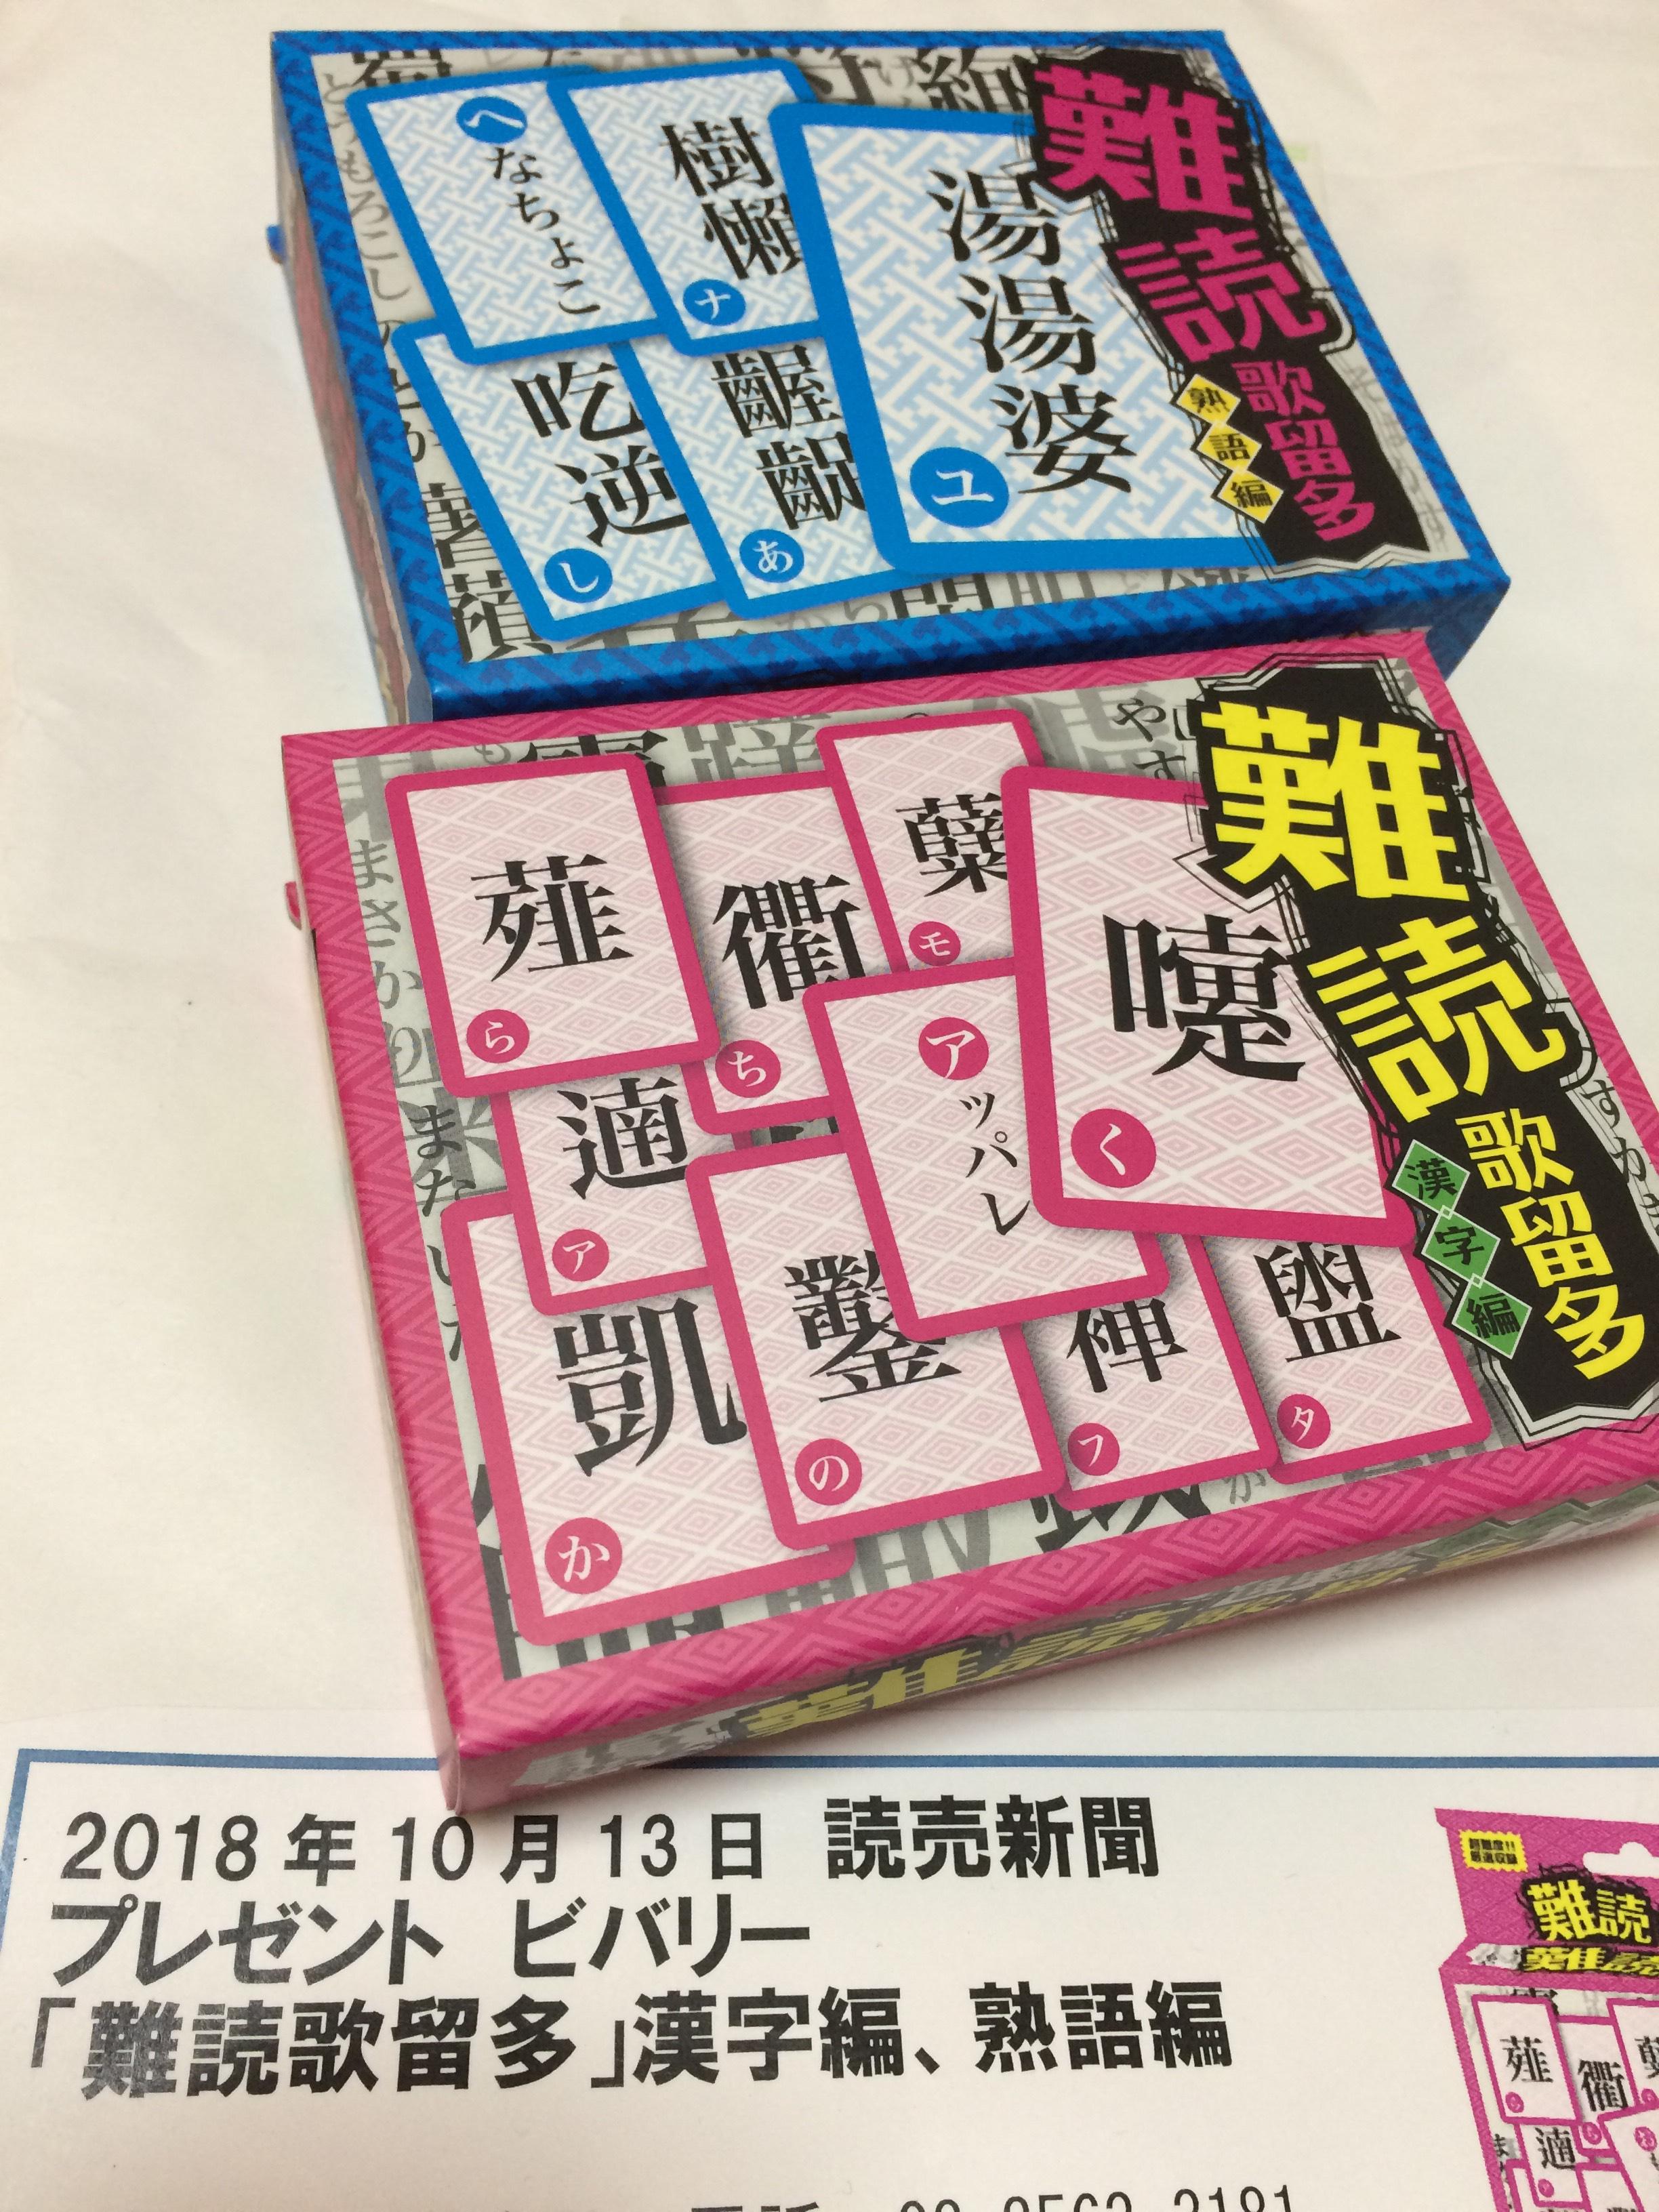 fc2blog_20181027213319fea.jpg